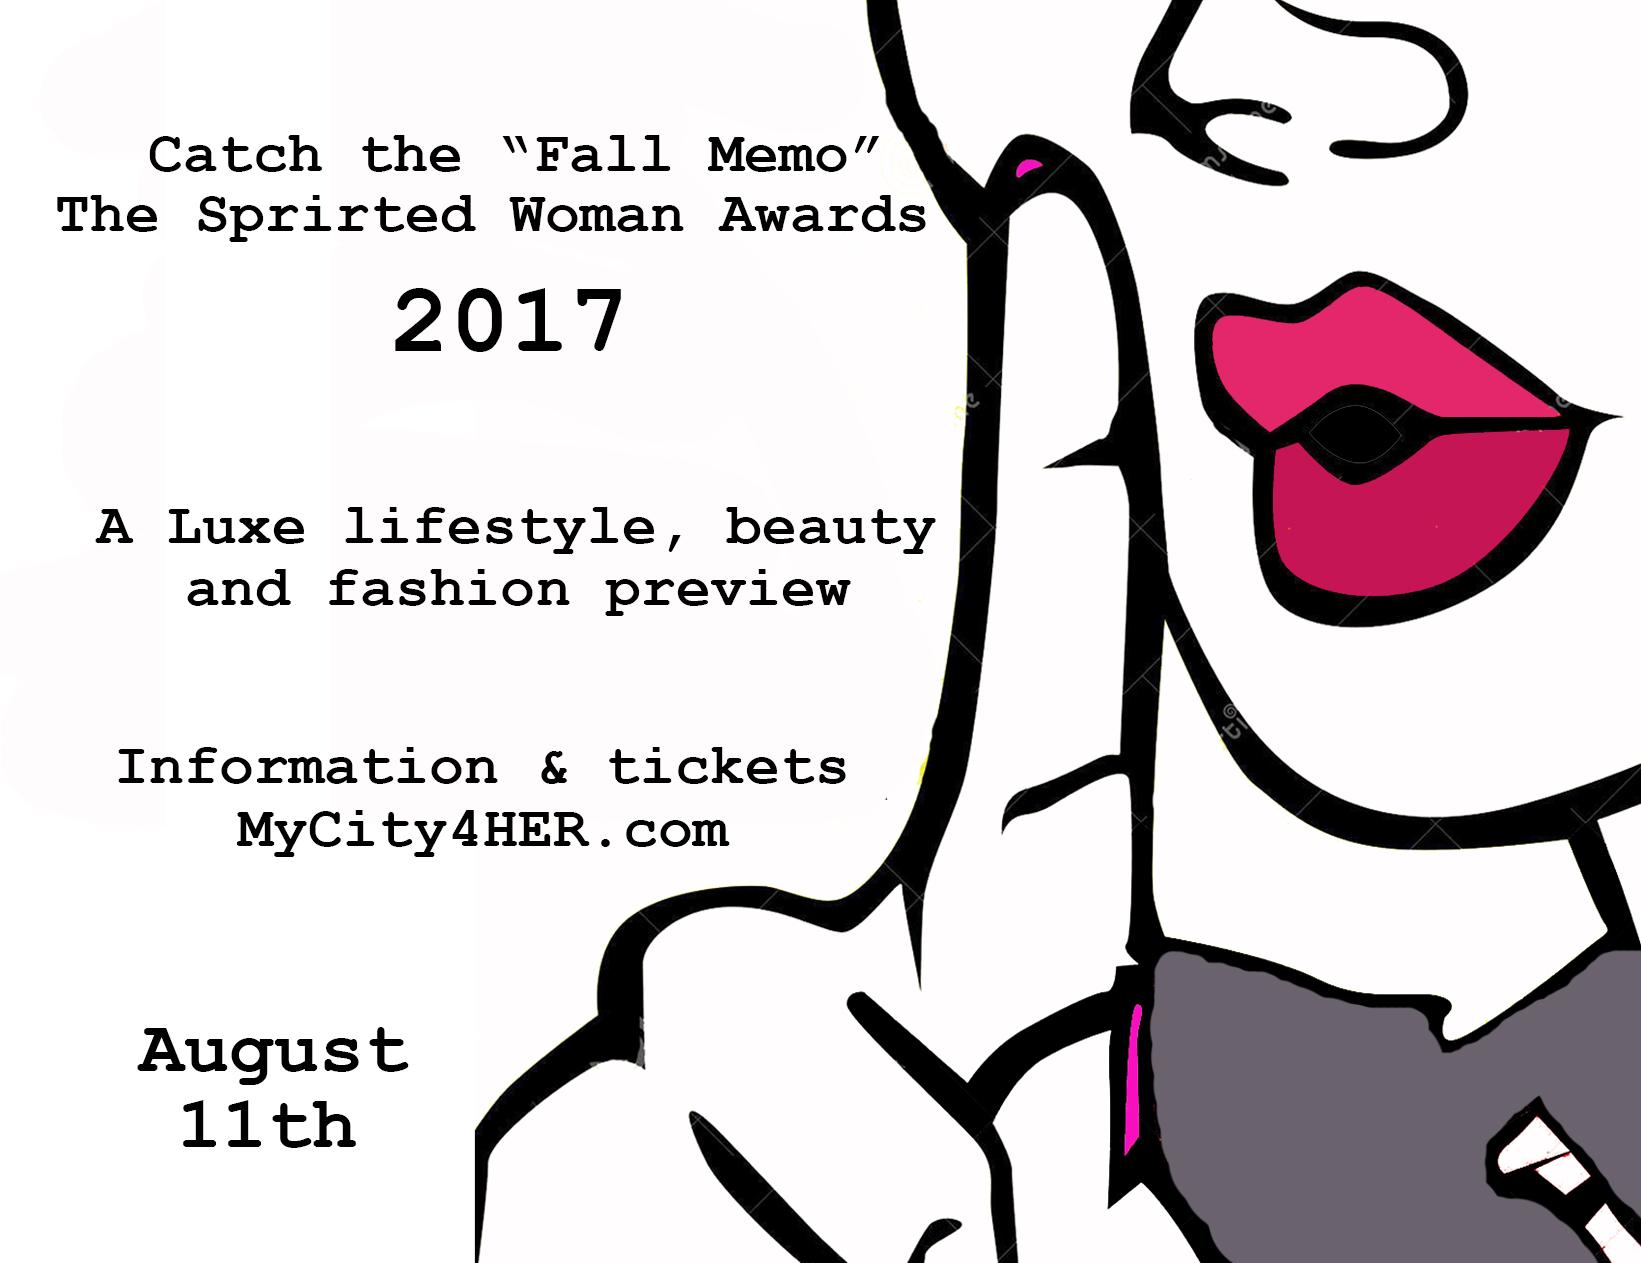 Fall Memo at Spirited Woman Awards 2017